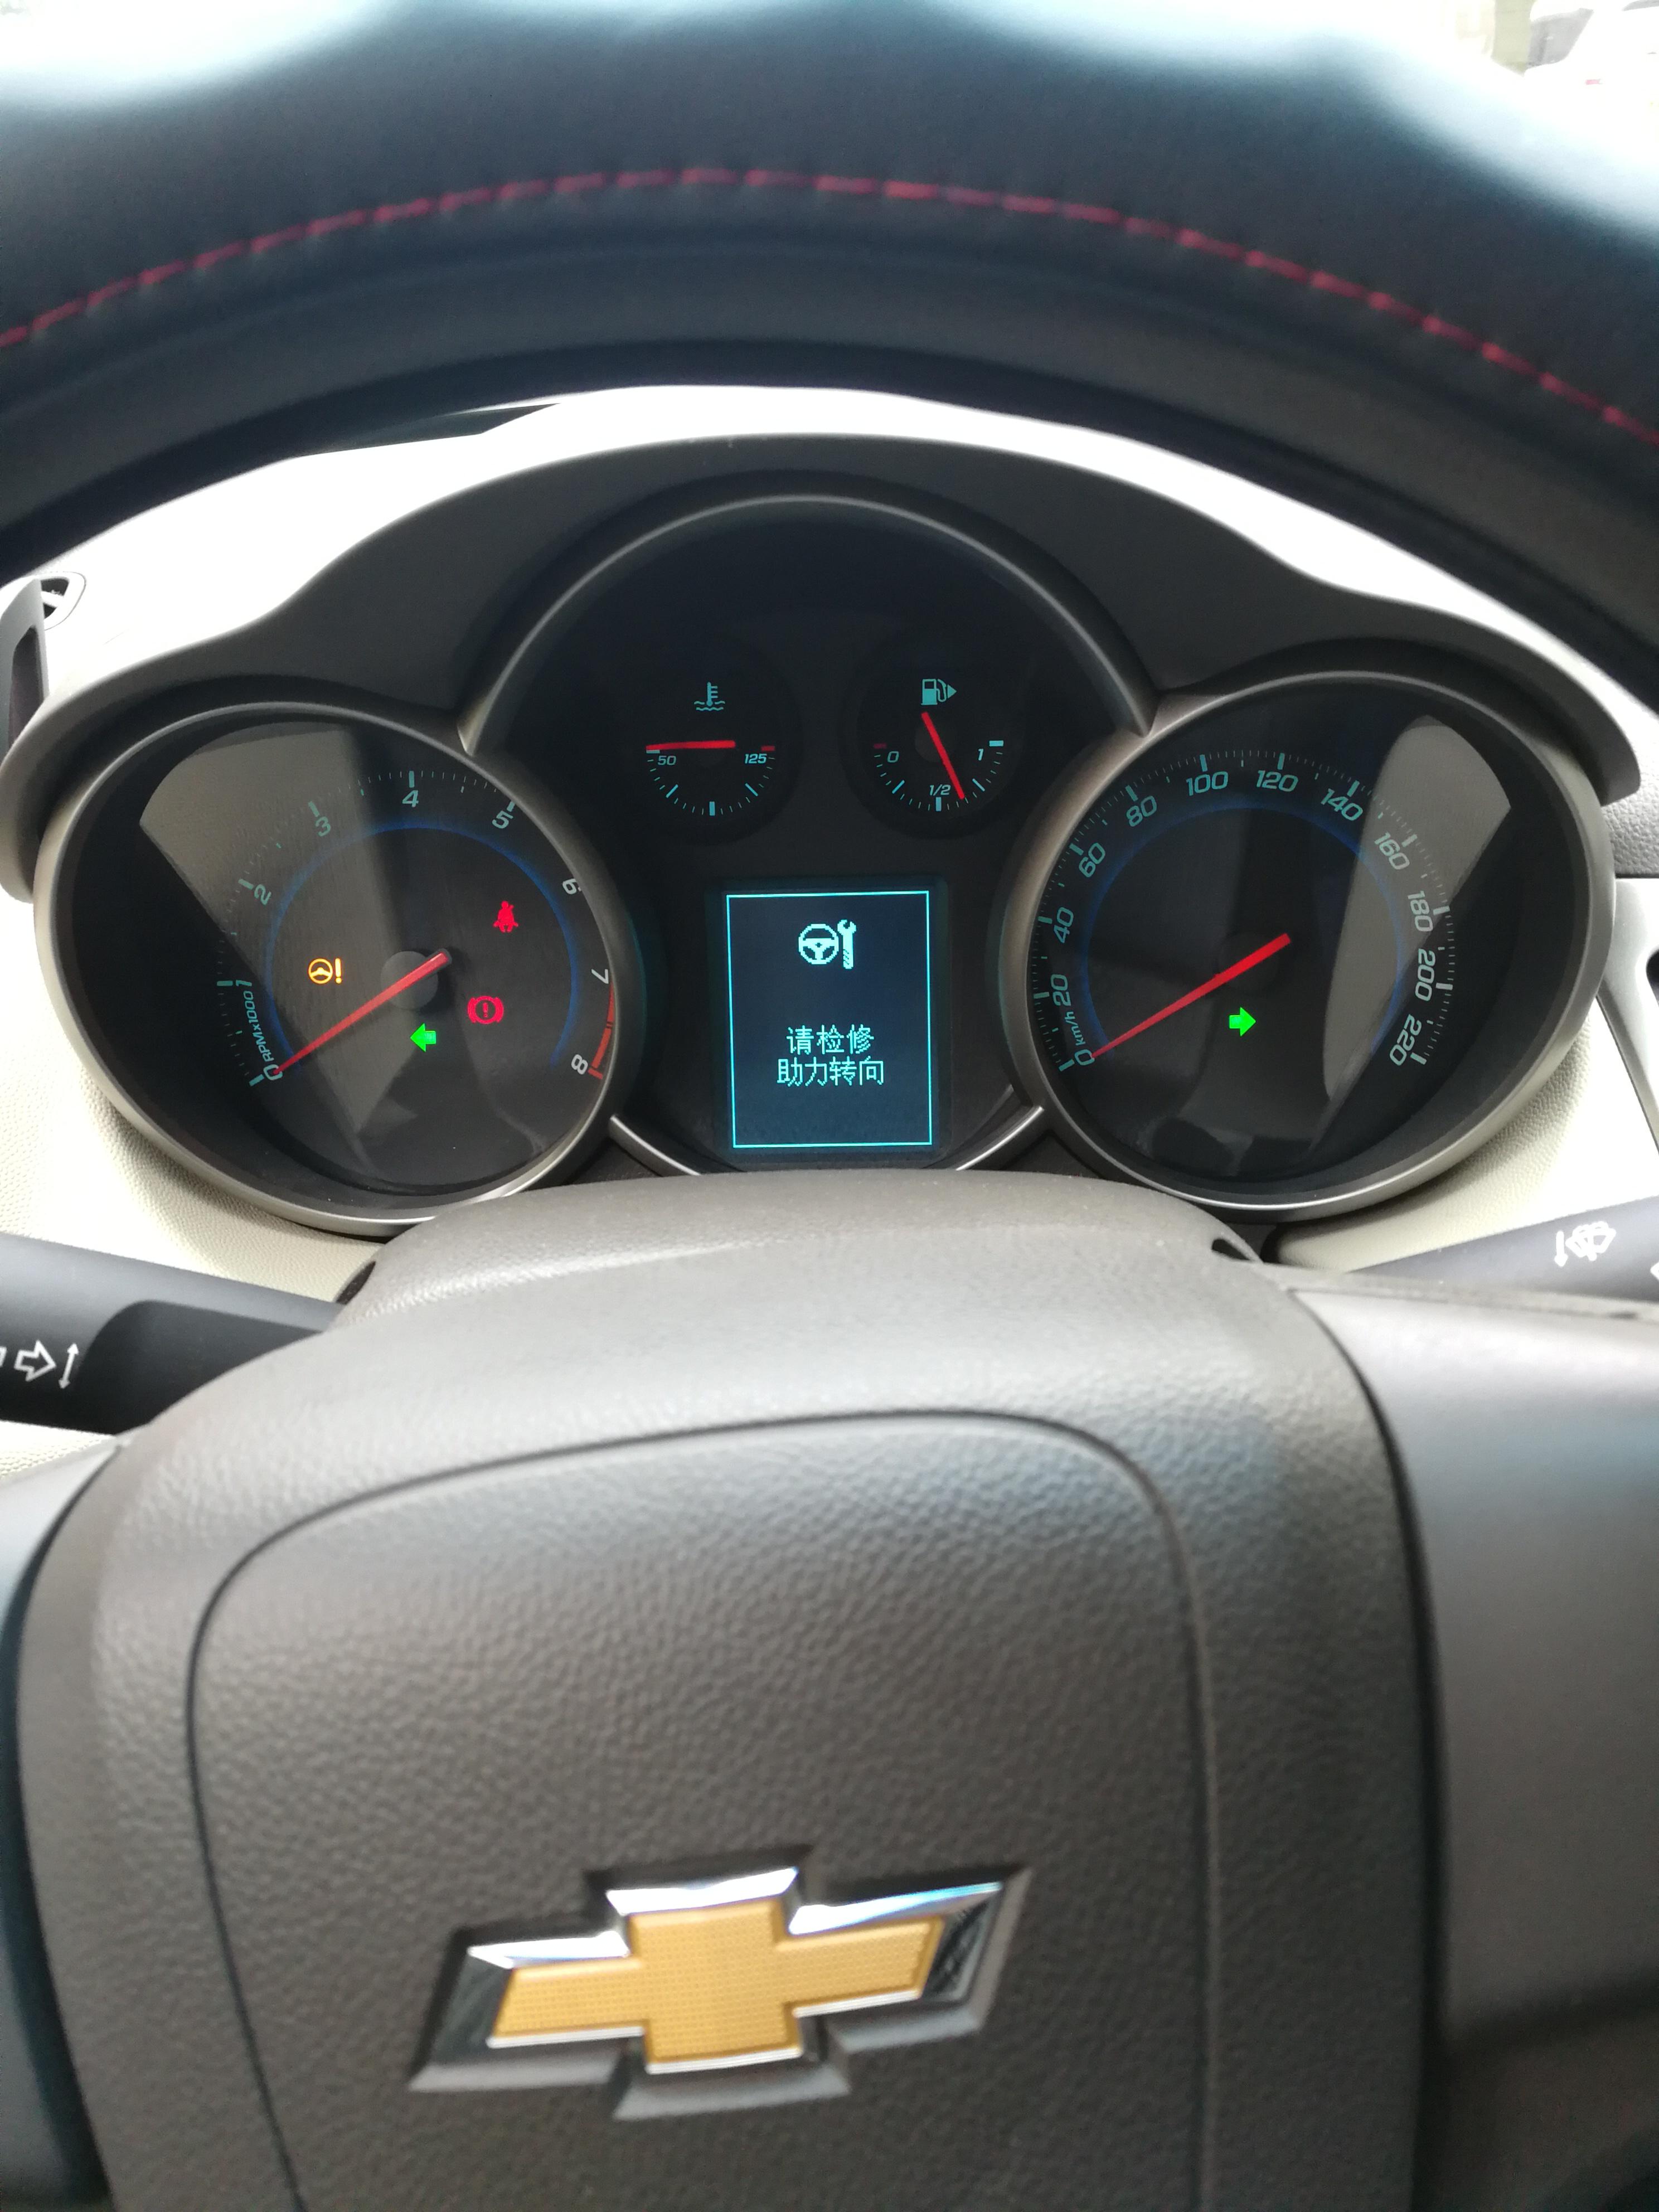 上汽通用-科魯茲 行駛熄火,轉向助力故障,如在高速...